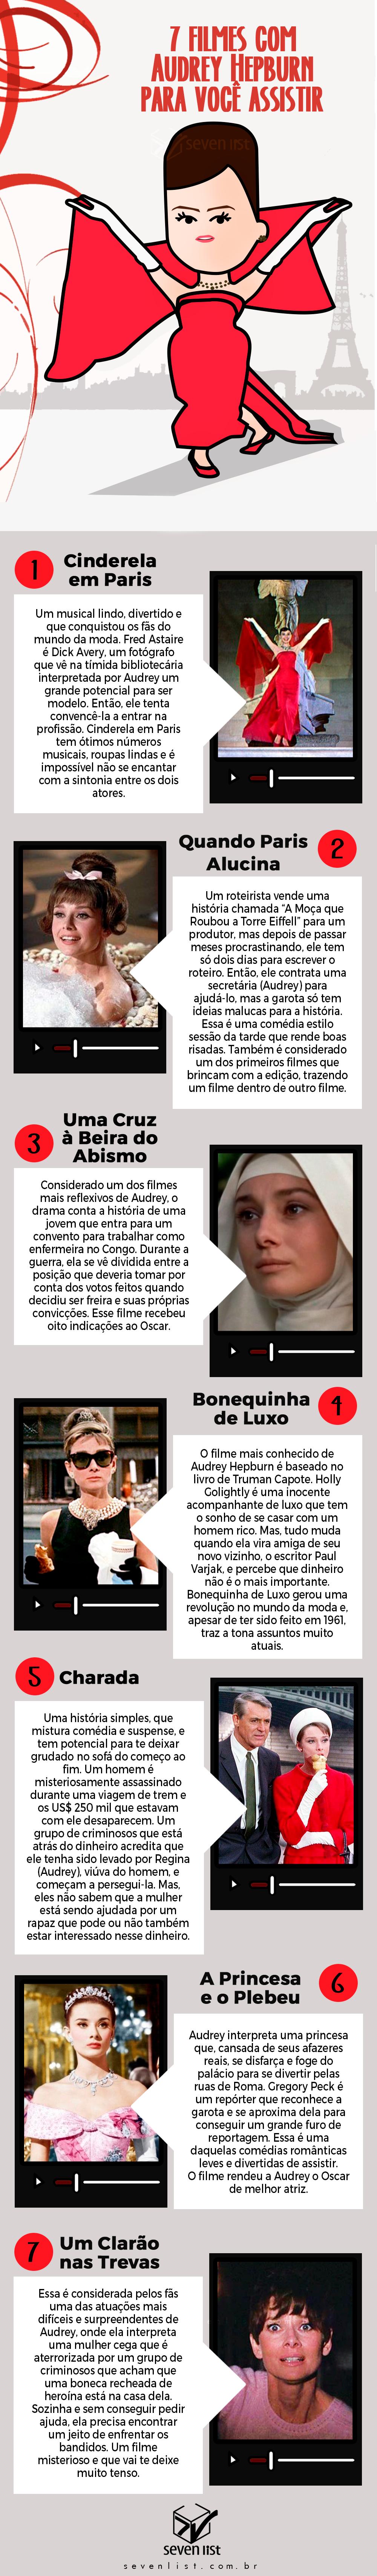 Filmes com Audrey Hepburn - Seven List